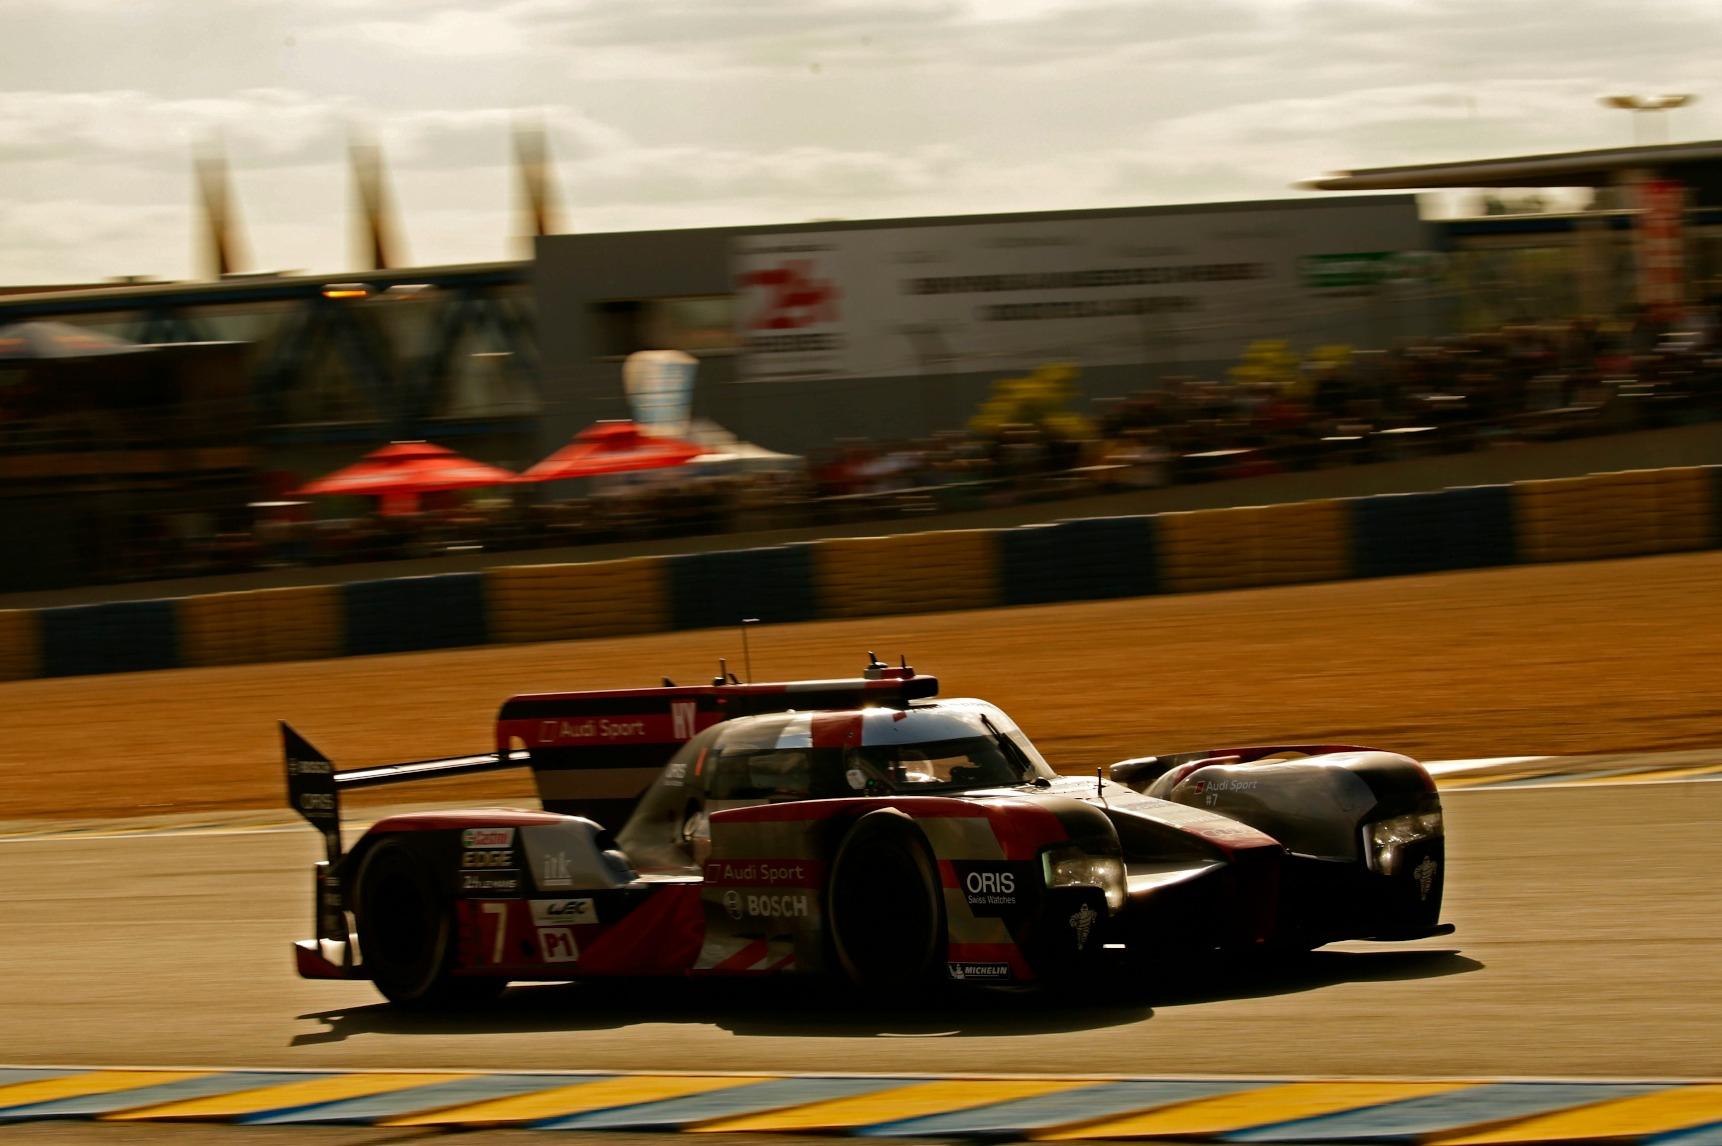 Los elevados costes hicieron que Audi y Porsche abandonaran la LMP1 y que ambas se pasaran a la Fórmula E